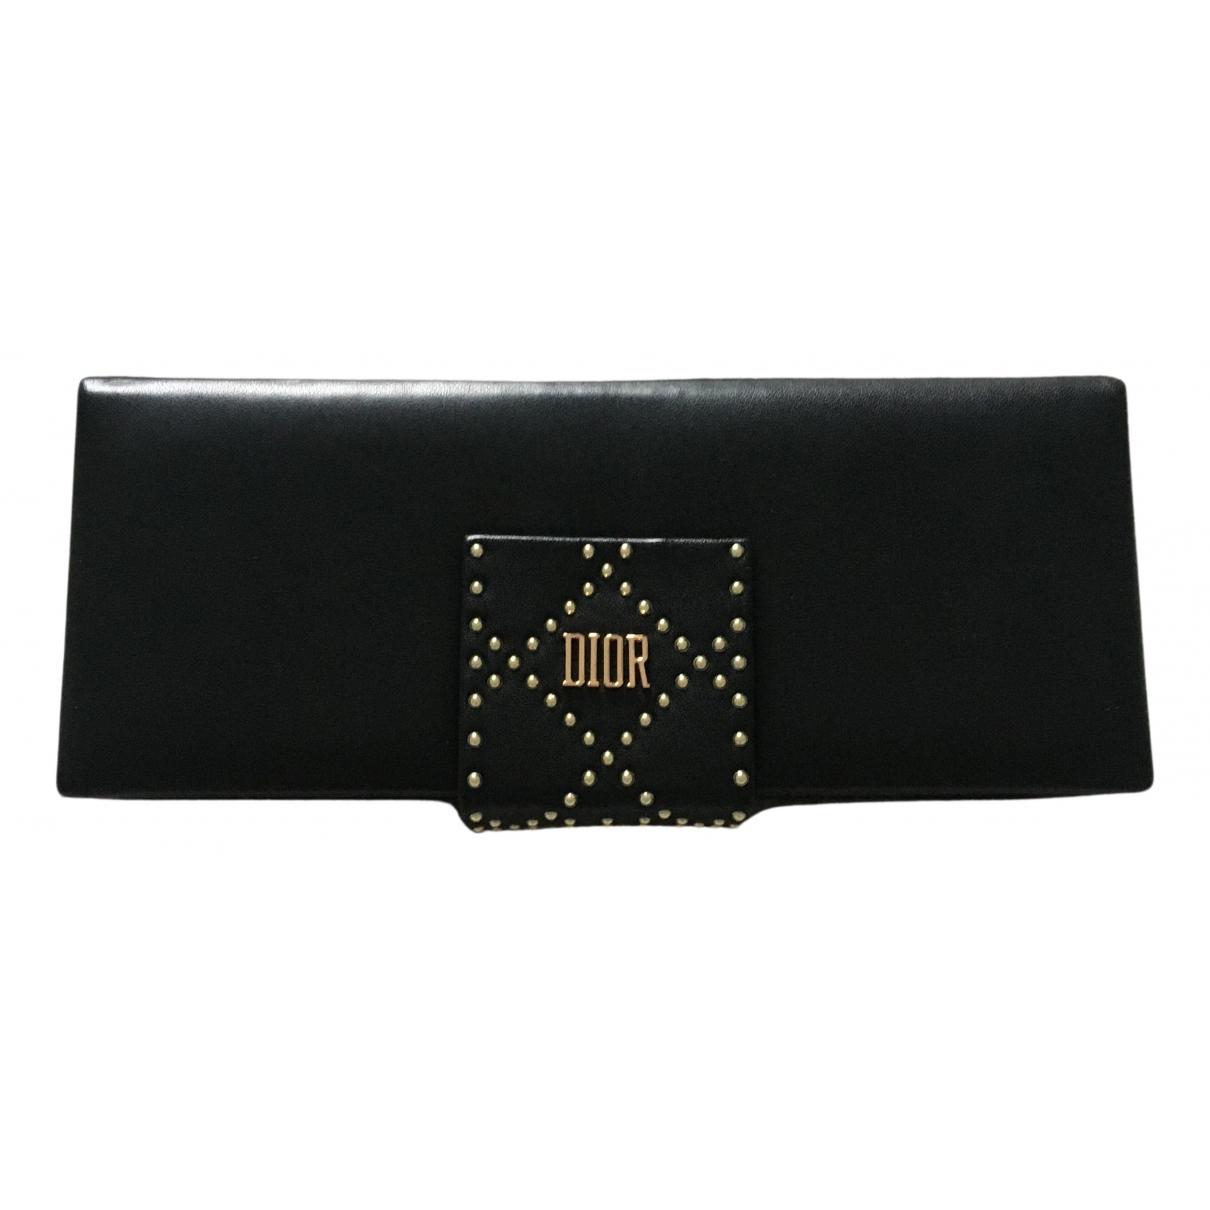 Dior - Petite maroquinerie   pour femme - noir